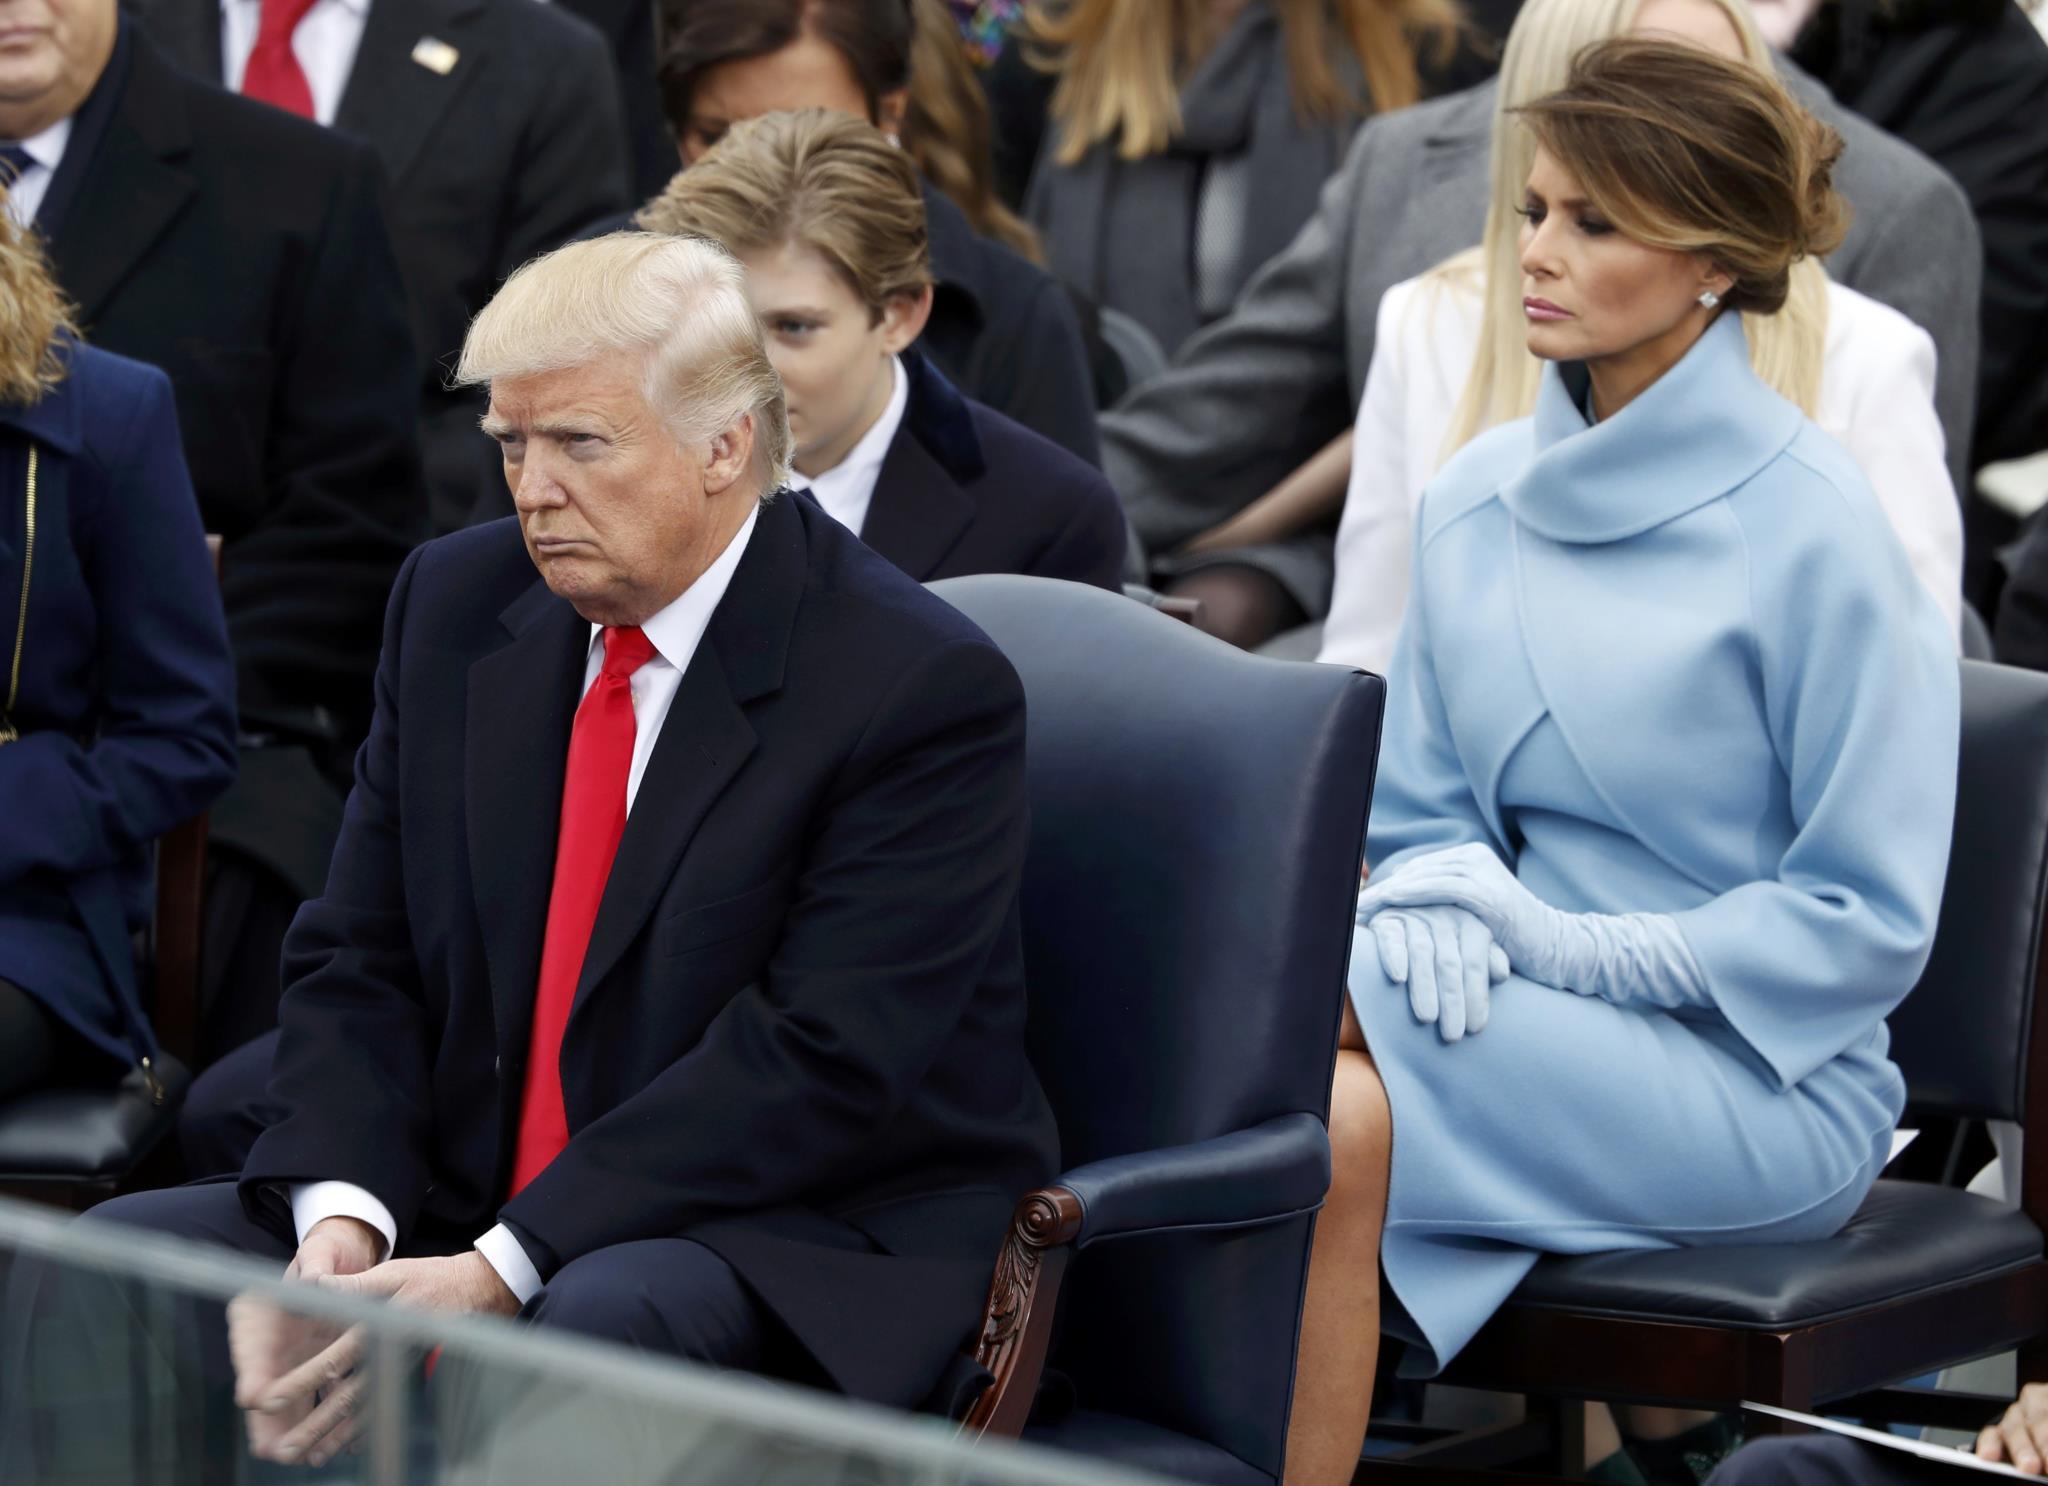 Donald Trump, a mulher e o filho de ambos